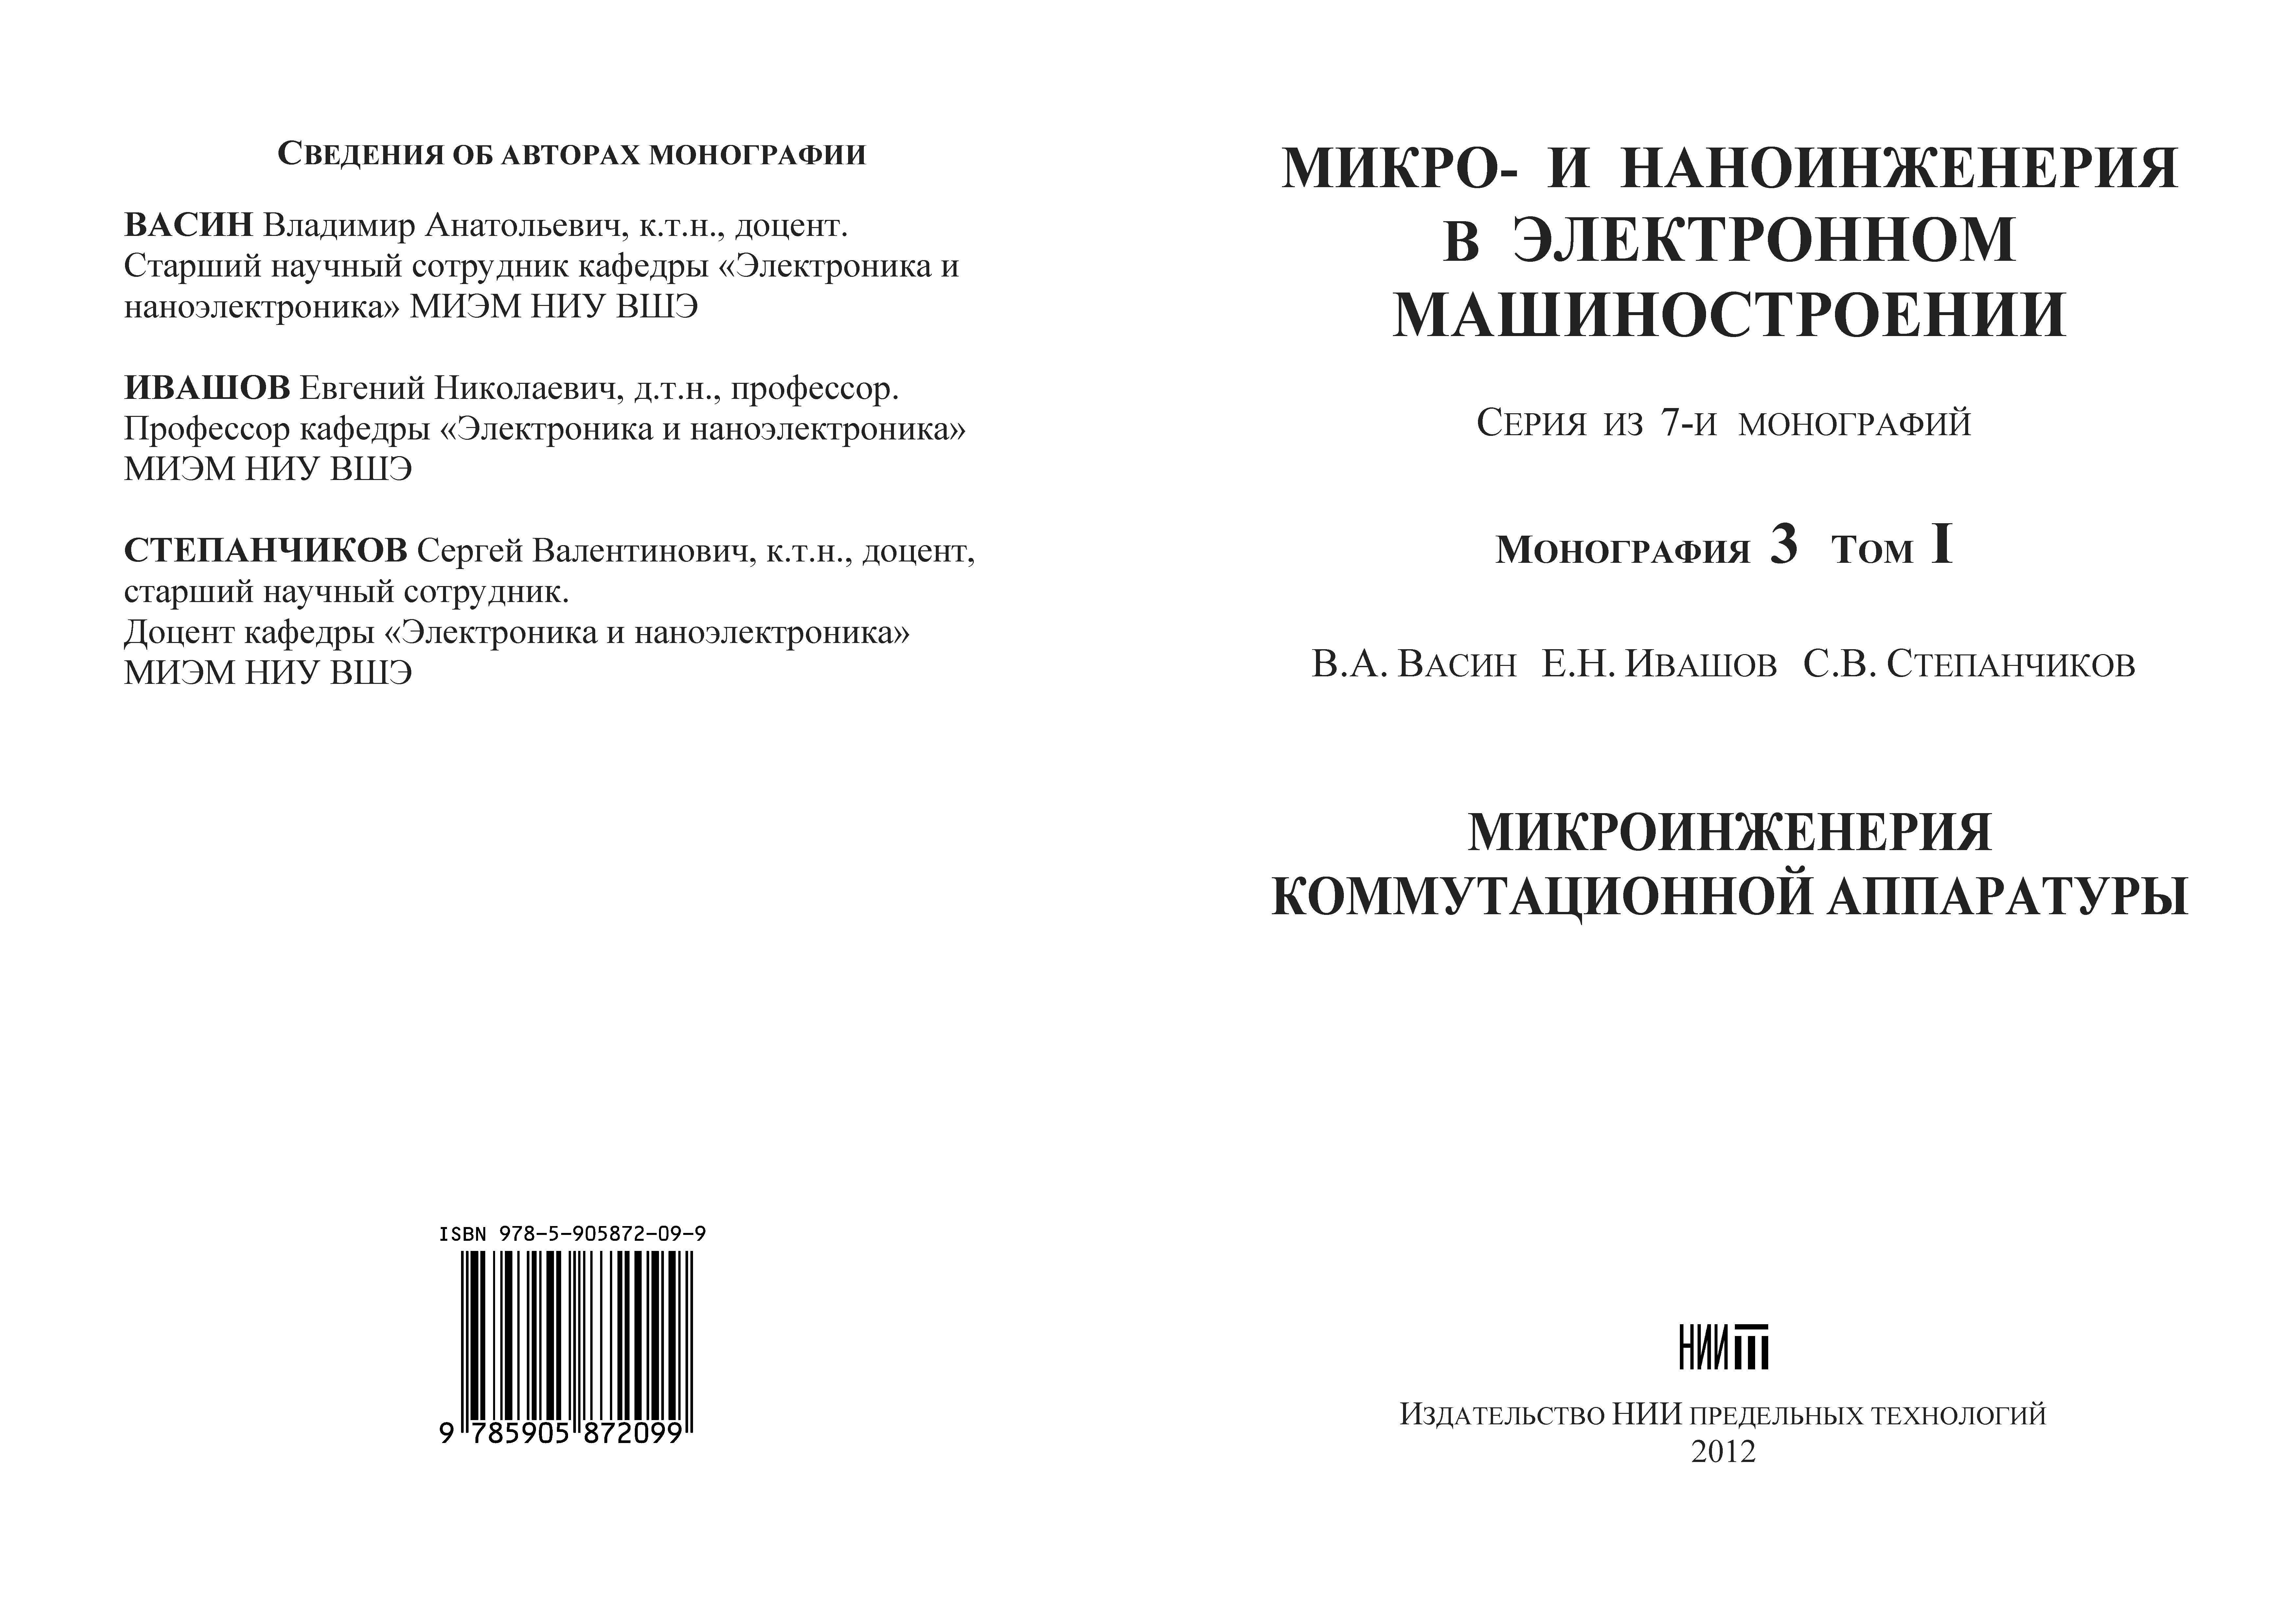 Микро- и наноинженерия в электронном машиностроении: Серия из 7-и монографий. Монография 3